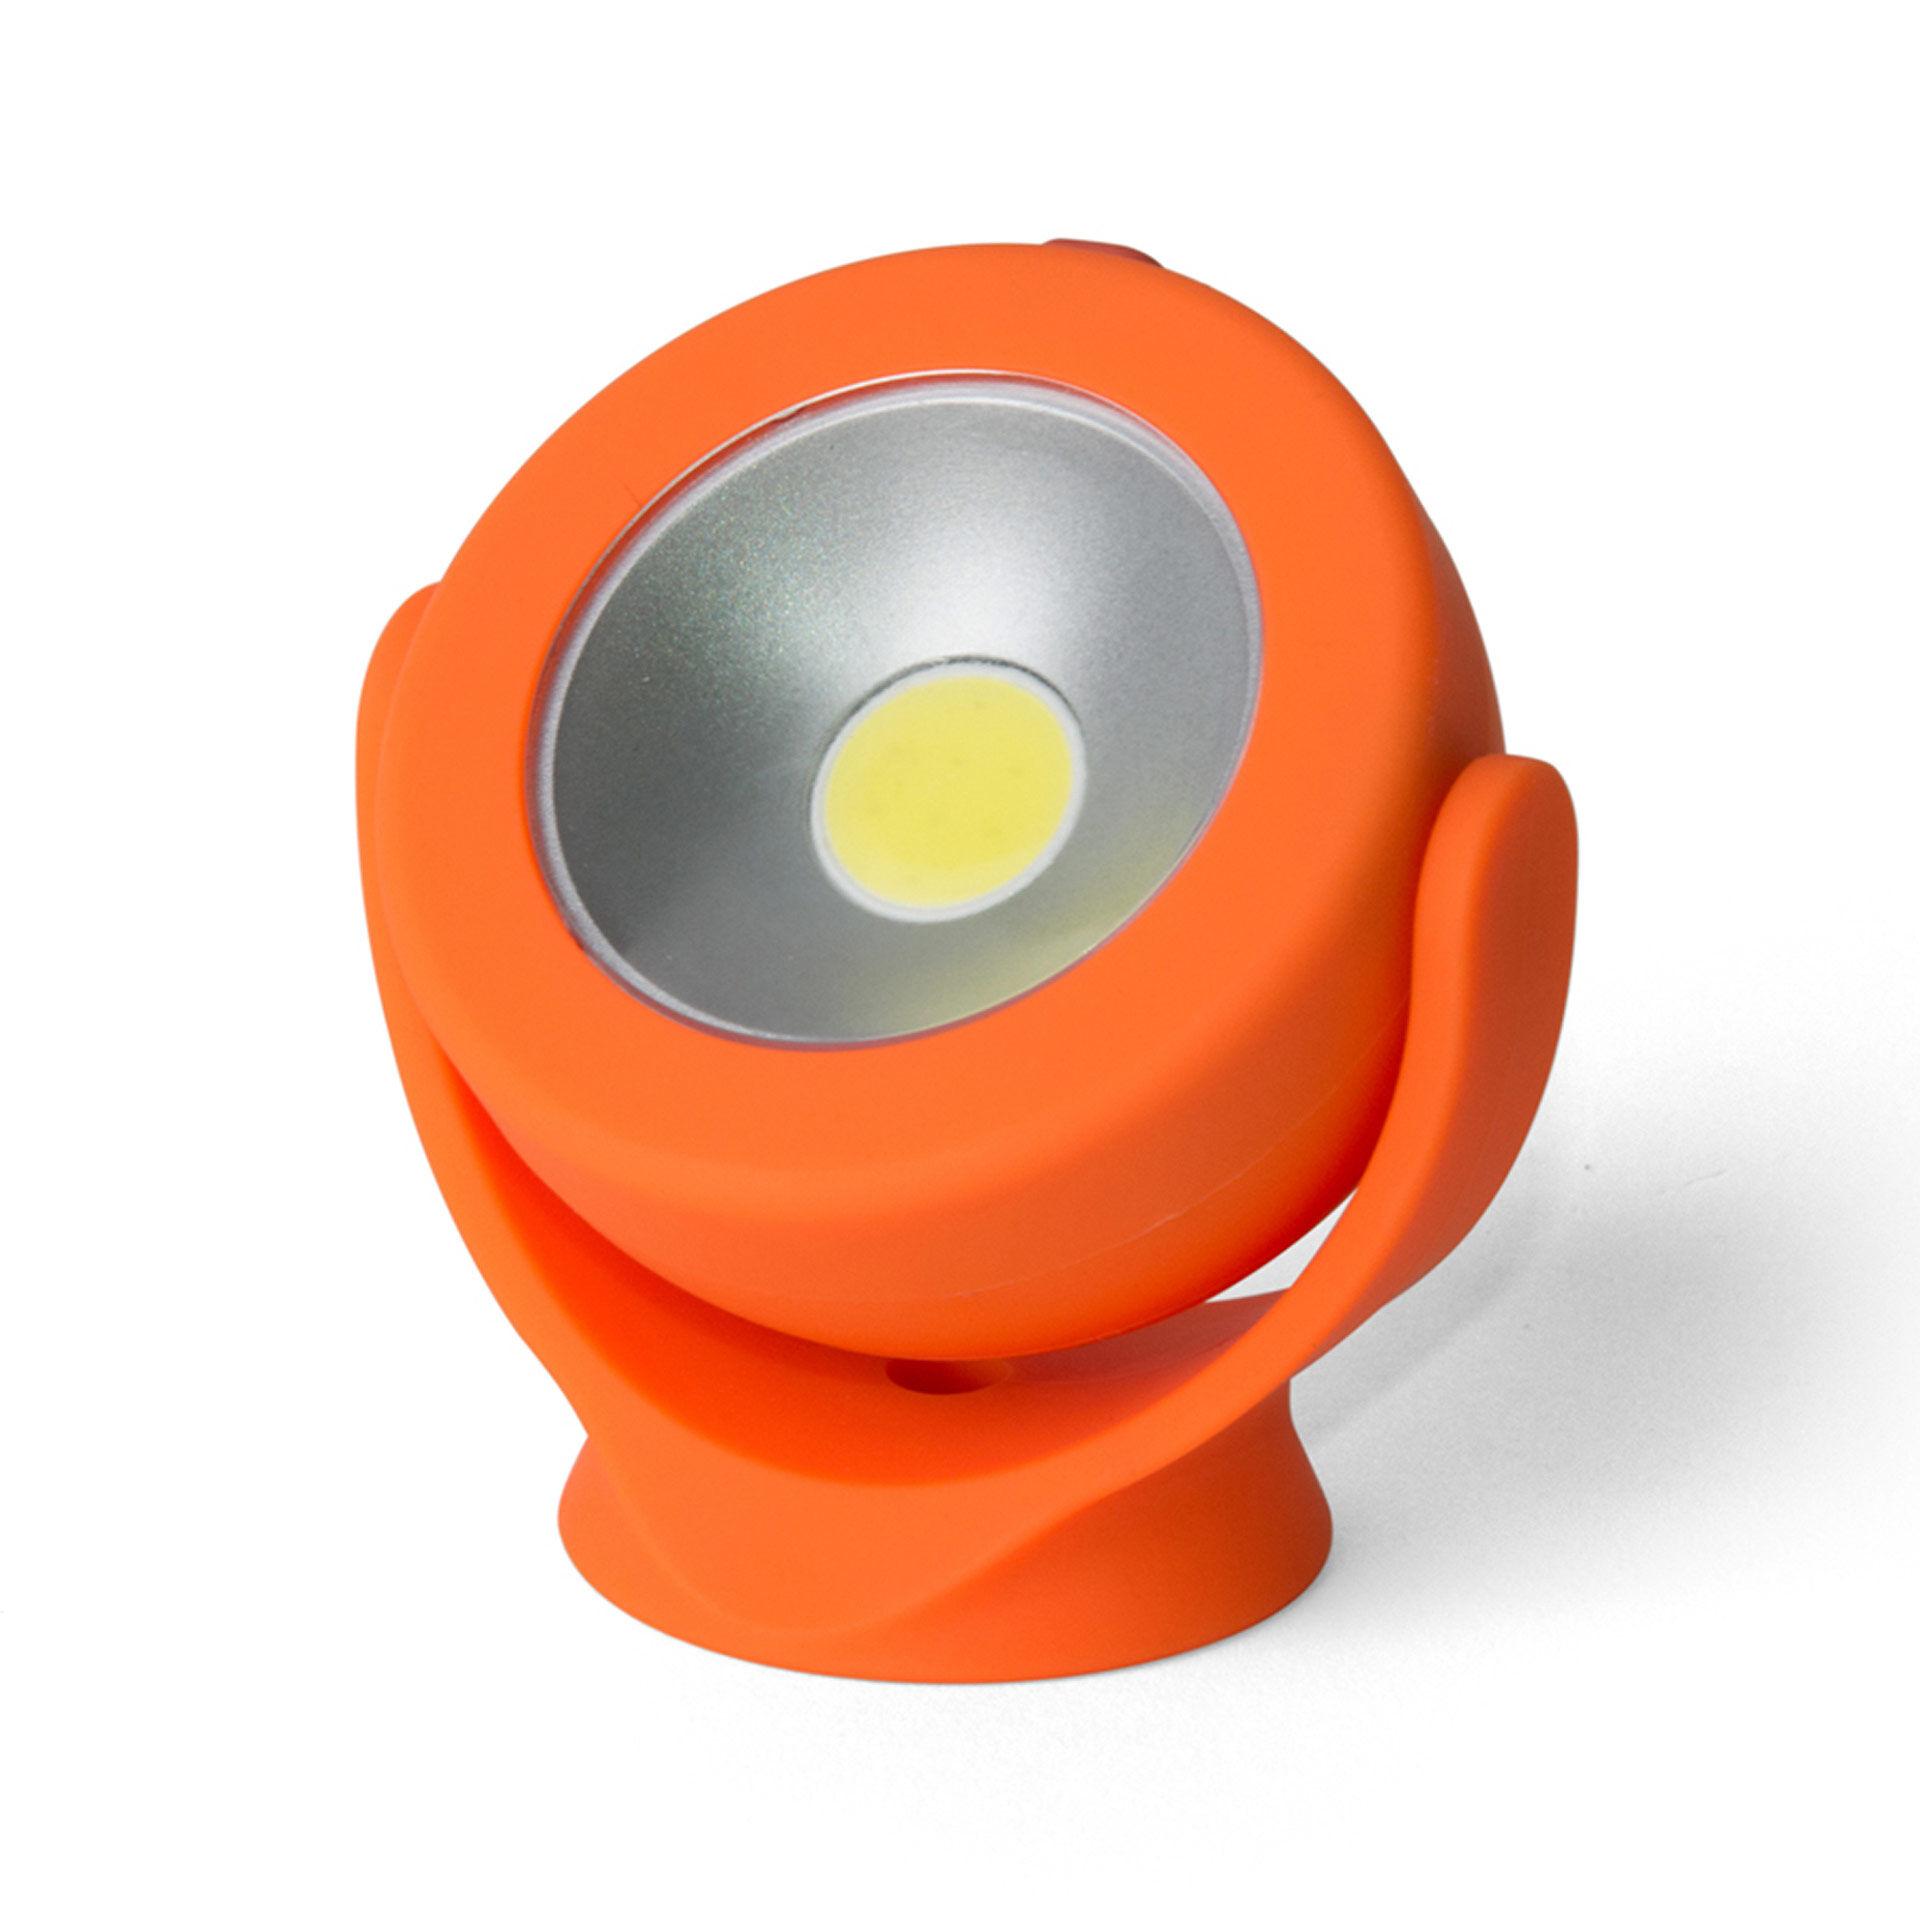 Lampe LED COB réglable, , large